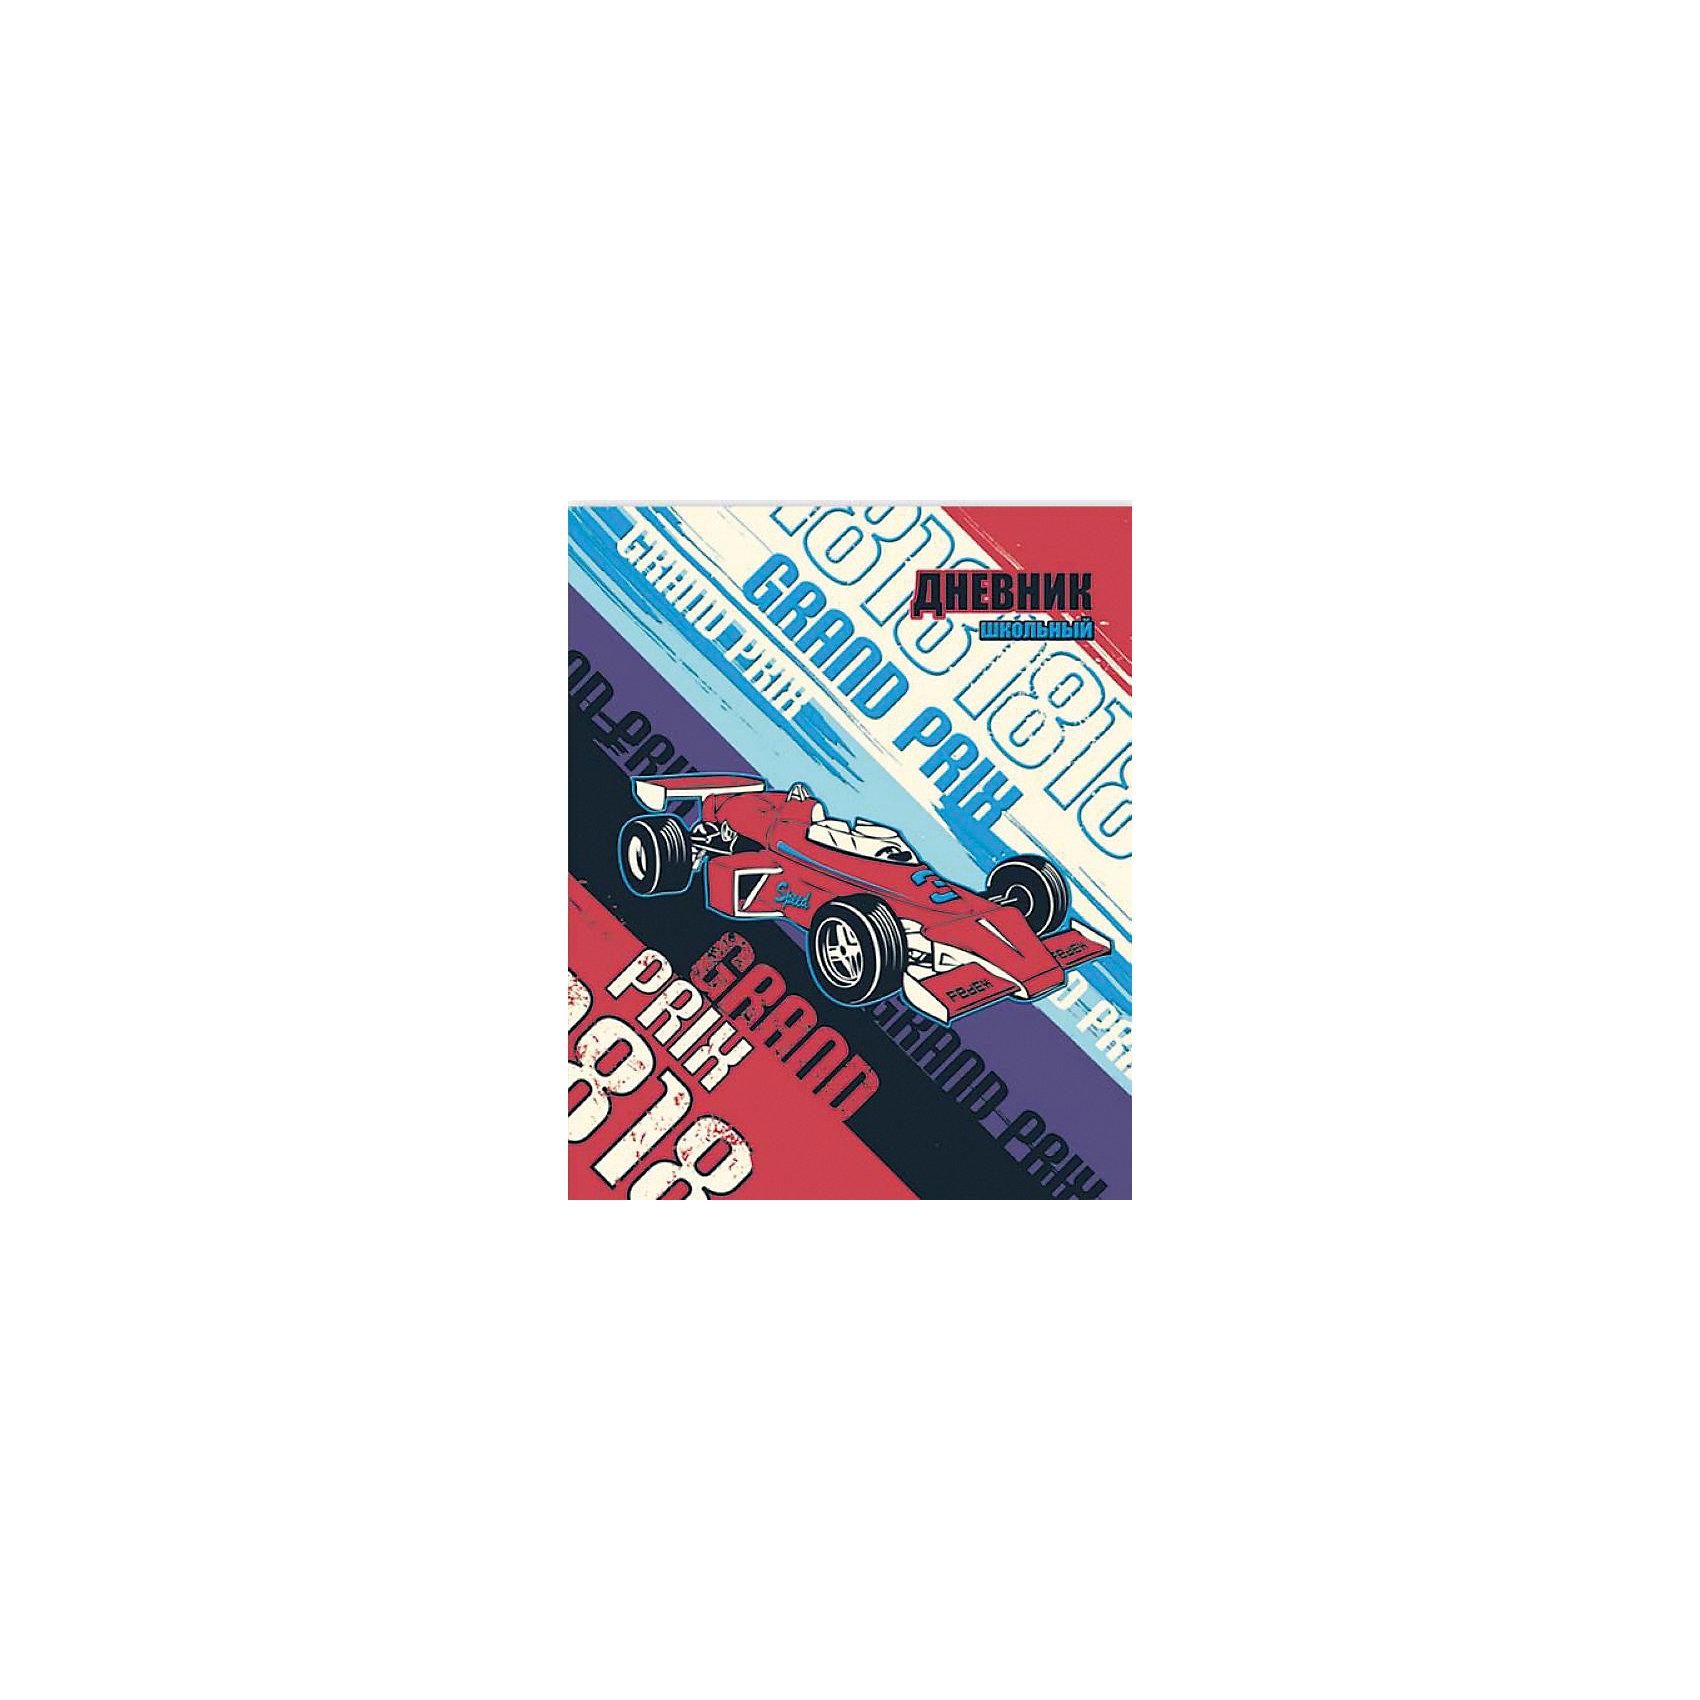 Дневник школьный Модный болид Феникс+Бумажная продукция<br>Дневник шк. МОДНЫЙ БОЛИД (7БЦ с аппликацией под матовой пленкой, тисн. голубой фольгой, 96 стр. Цв. запечатка форзаца. Универсальная шпаргалка)<br><br>Ширина мм: 215<br>Глубина мм: 170<br>Высота мм: 10<br>Вес г: 251<br>Возраст от месяцев: 72<br>Возраст до месяцев: 2147483647<br>Пол: Унисекс<br>Возраст: Детский<br>SKU: 7046174